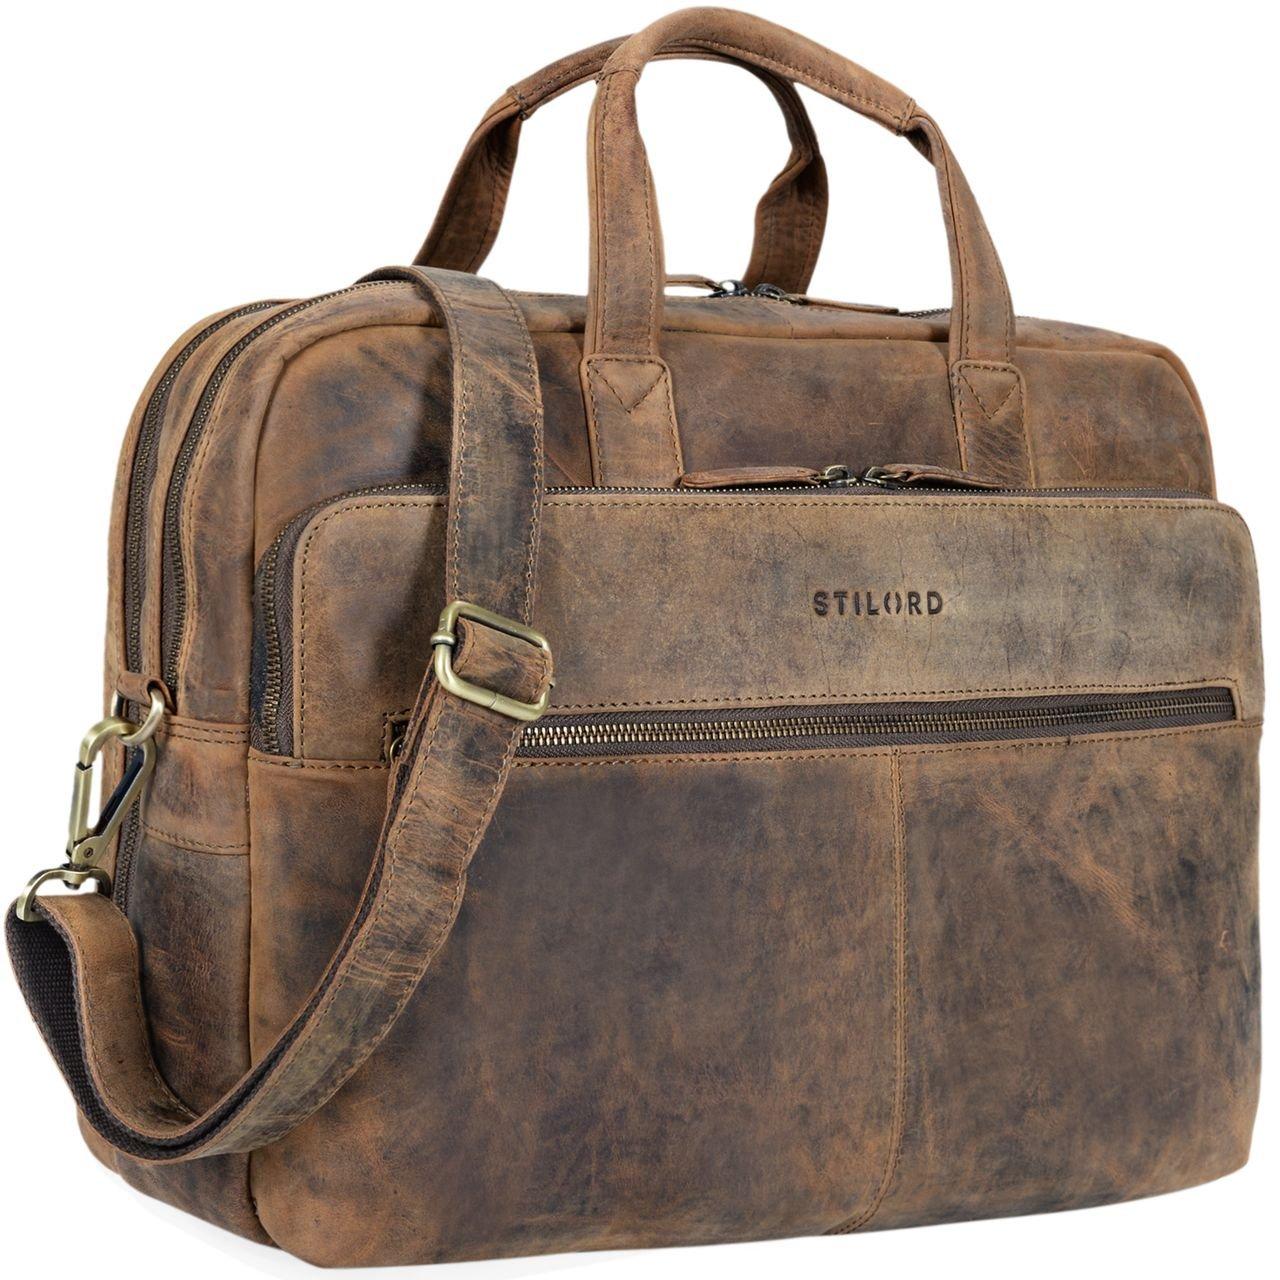 STILORD 'William' Businesstasche Leder groß XL Lehrertasche Aktentasche 15,6 Zoll Laptoptasche Bürotasche Ledertasche Vintage Umhängetasche Echtleder, Farbe:dunkel - braun